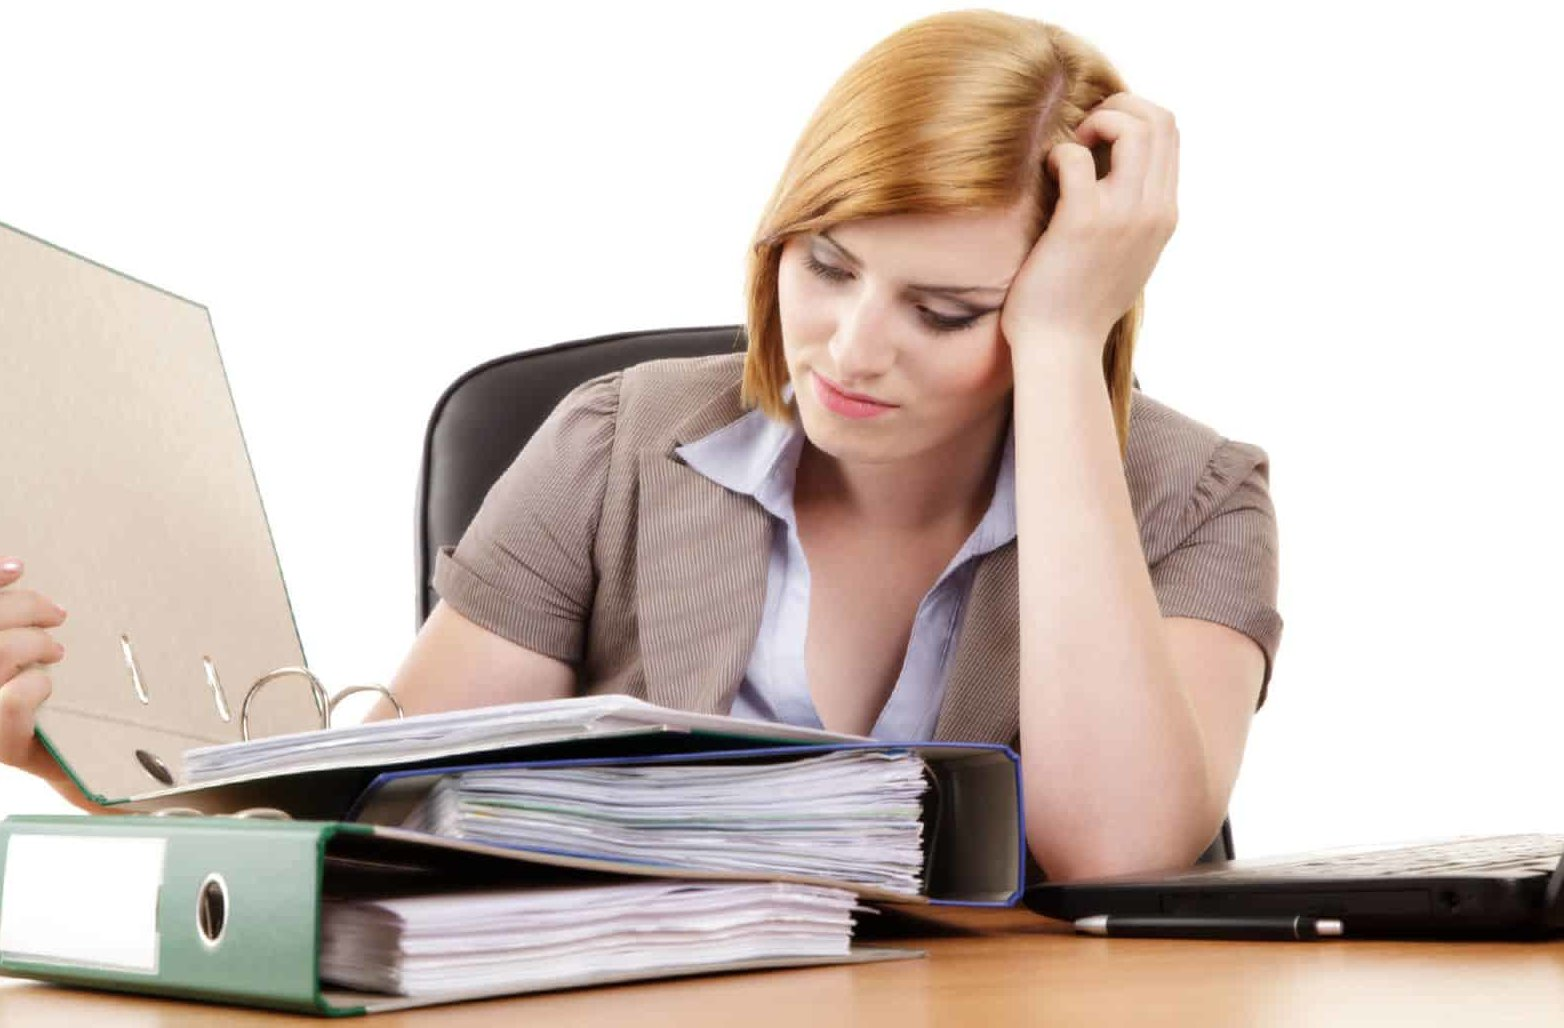 Учет и ограничения рабочего времени при работе по совместительству по статье 284 ТК РФ